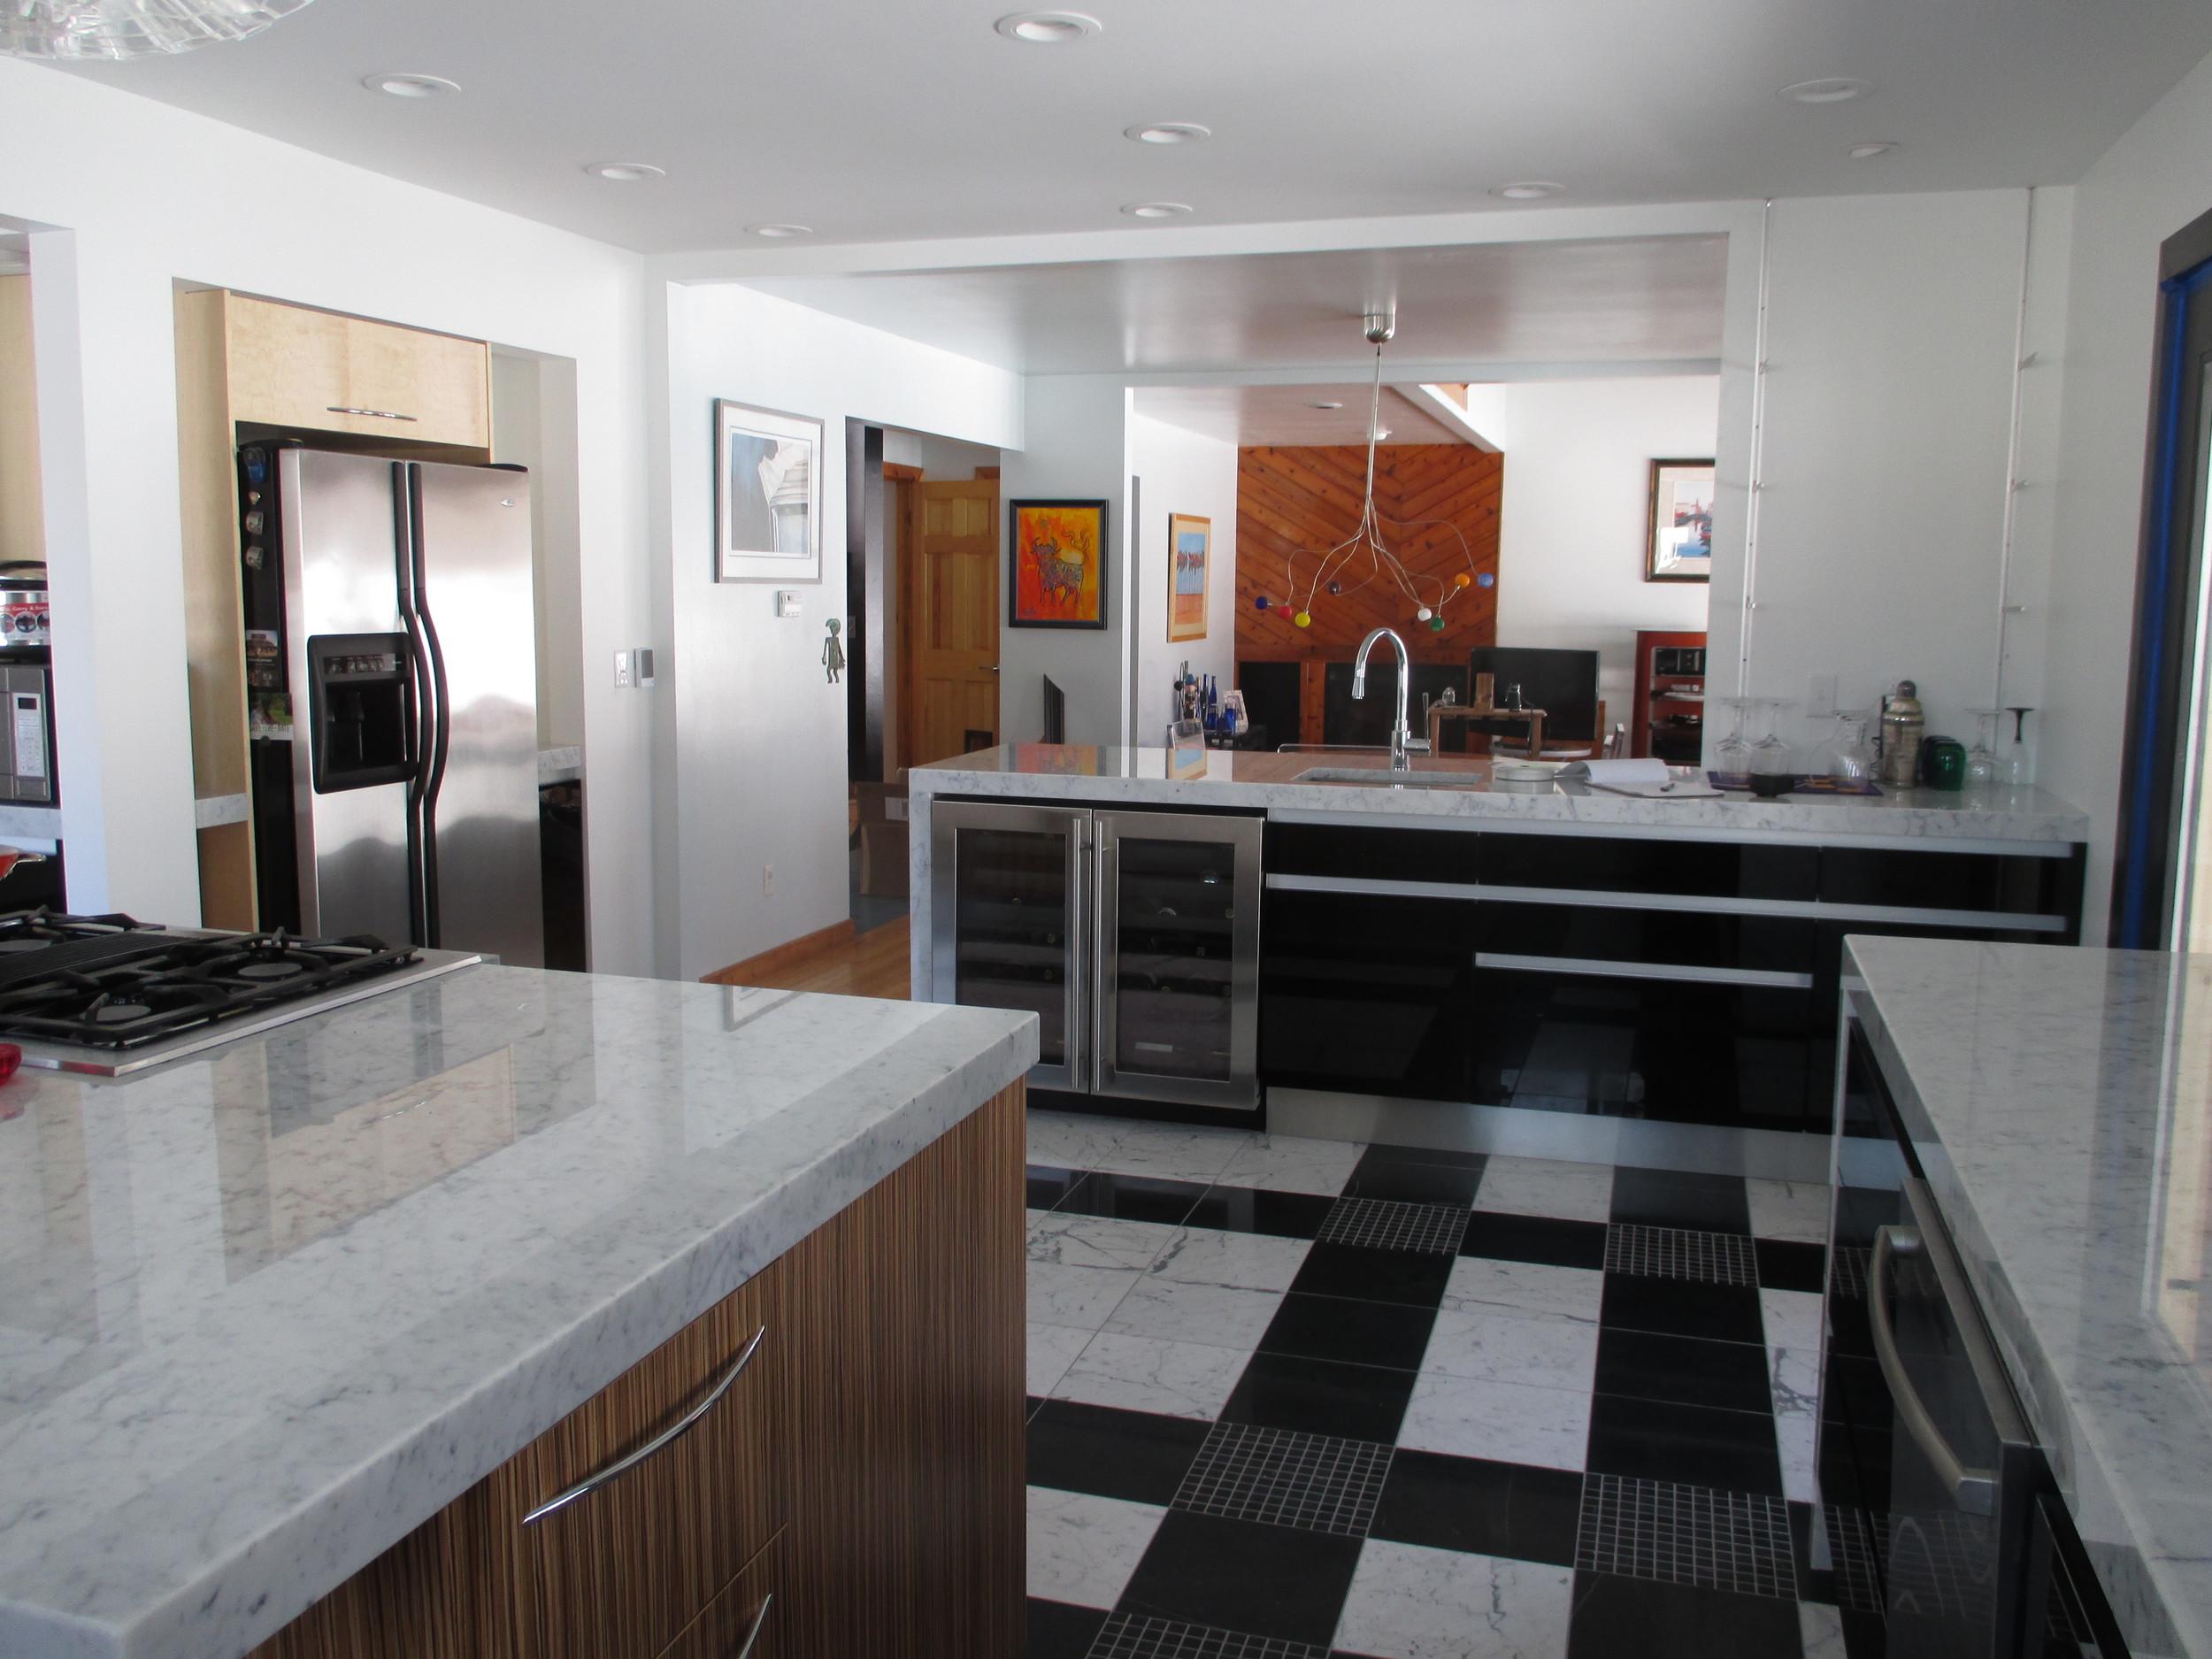 Ritchie kitchen 3.JPG